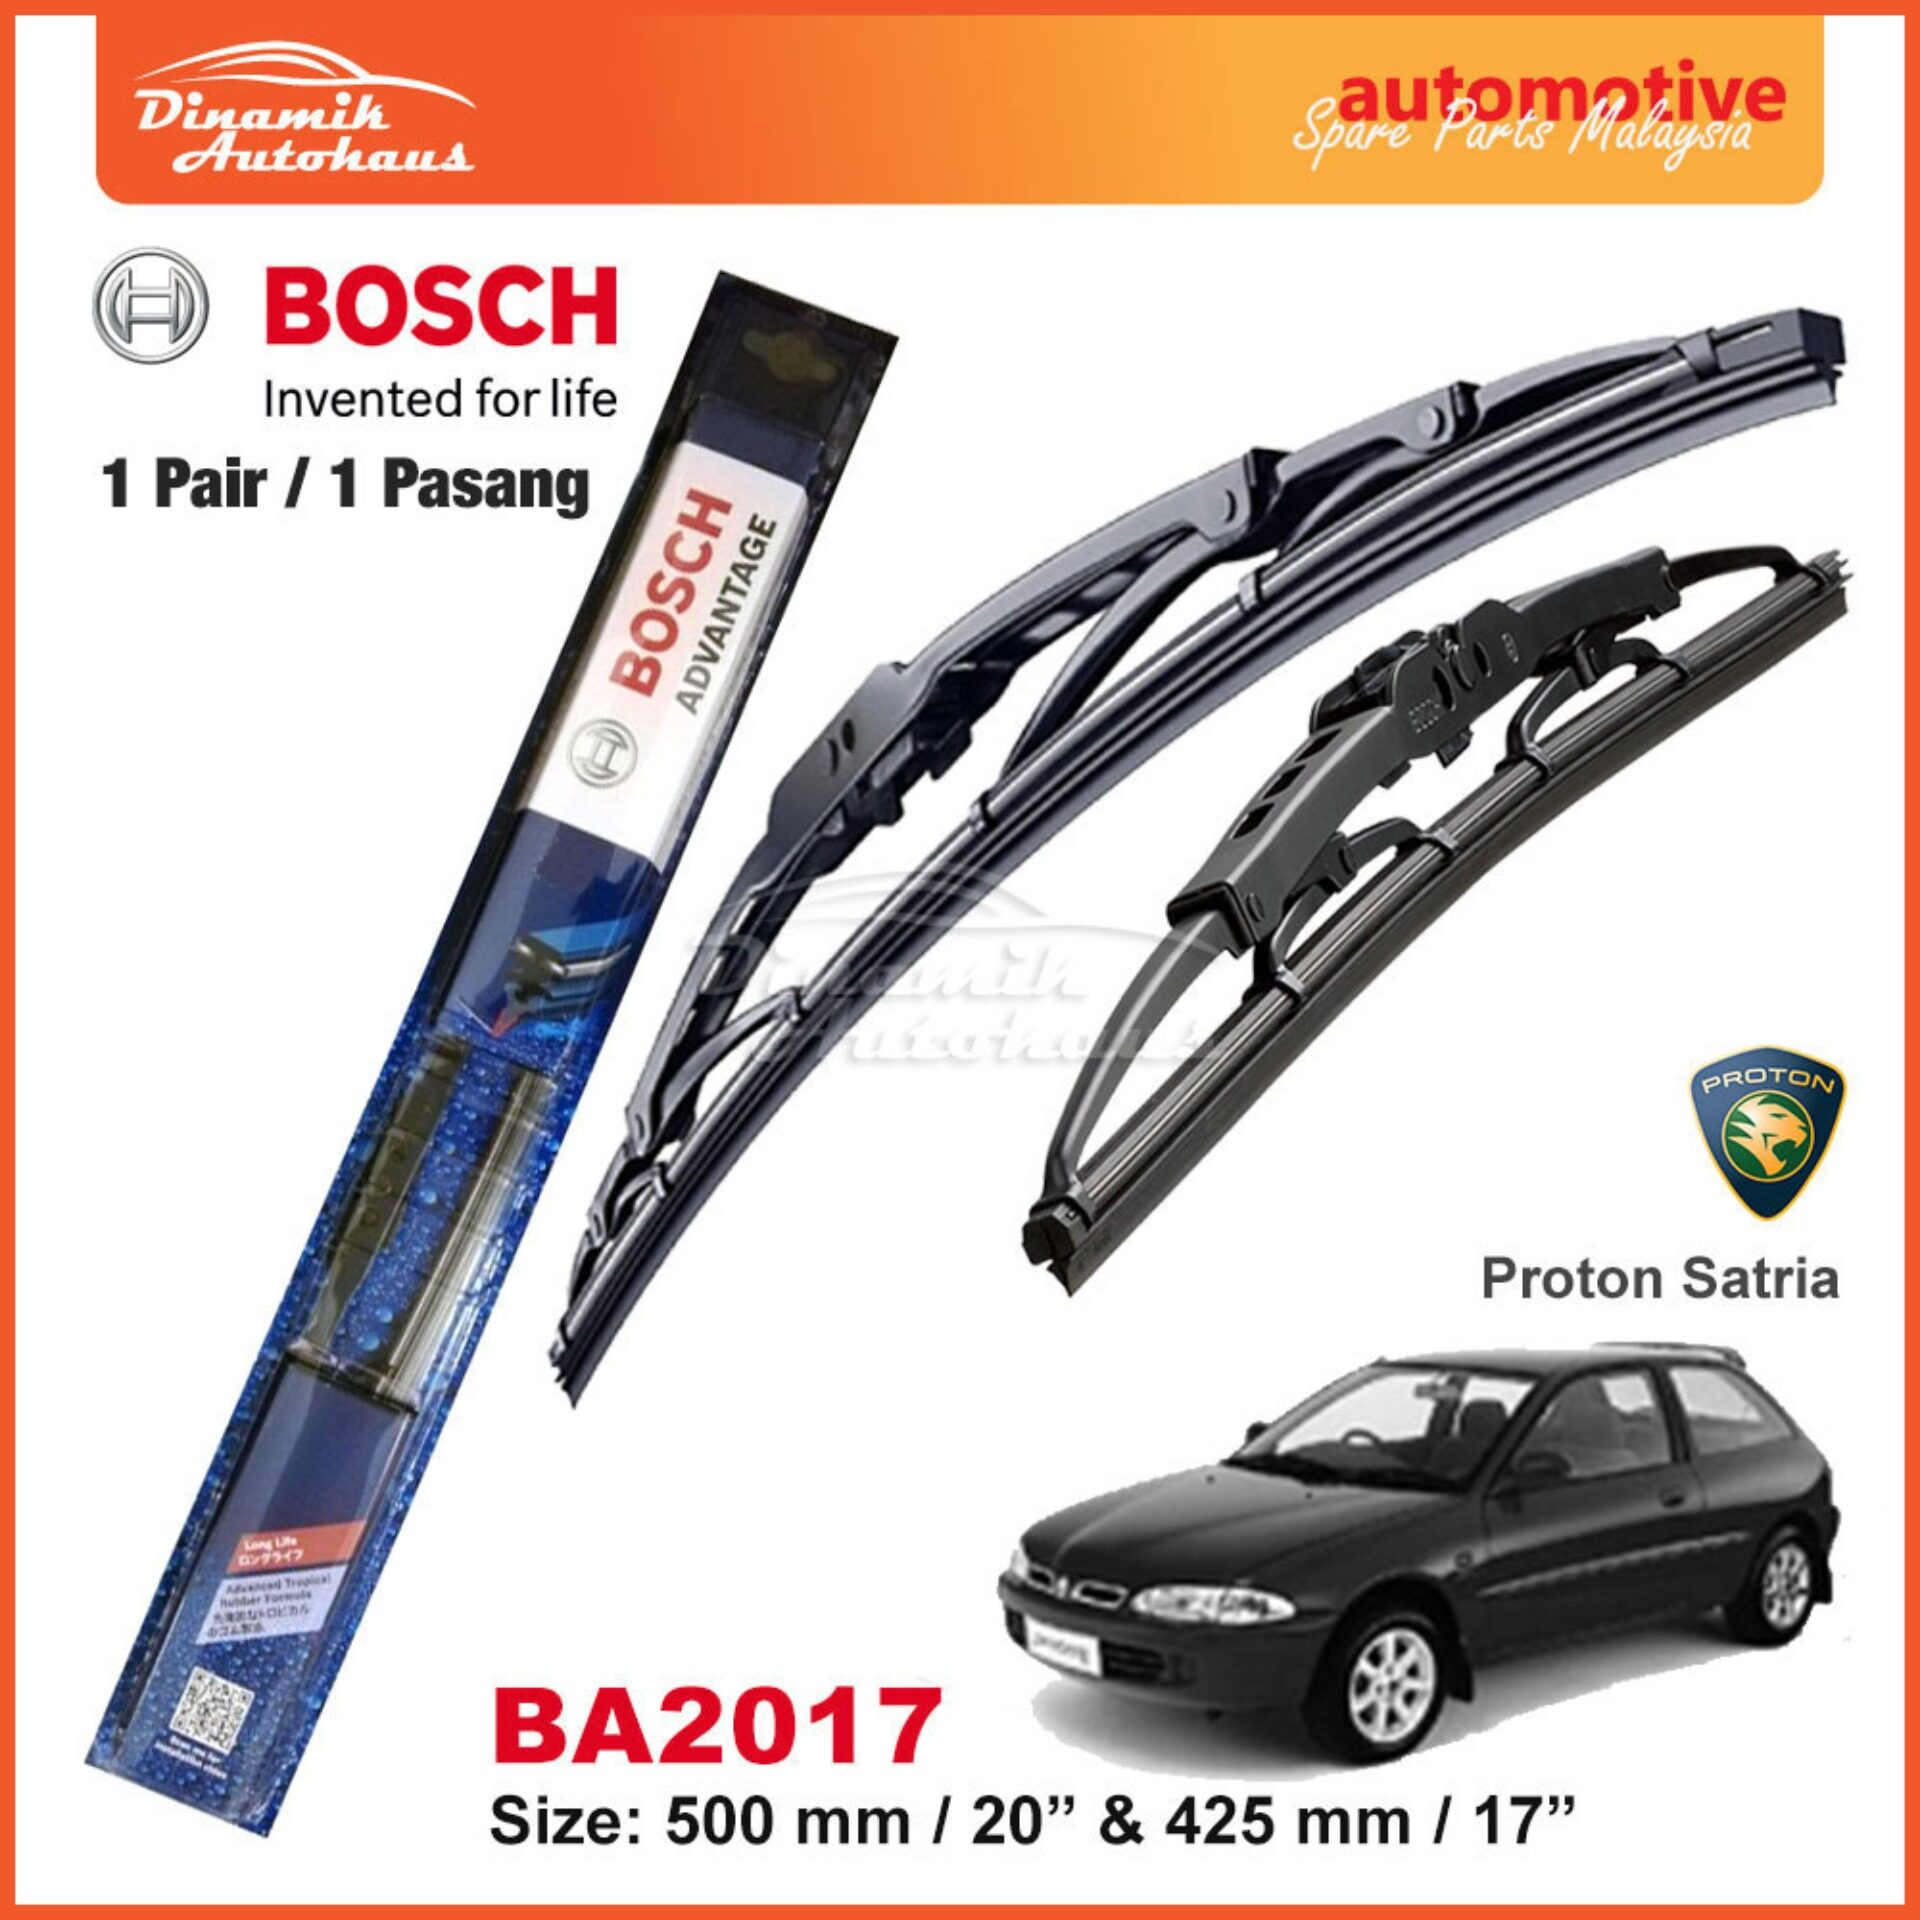 Proton Satria Car Windshield Wiper Blade 20  / 17  Bosch Advantage BA2017